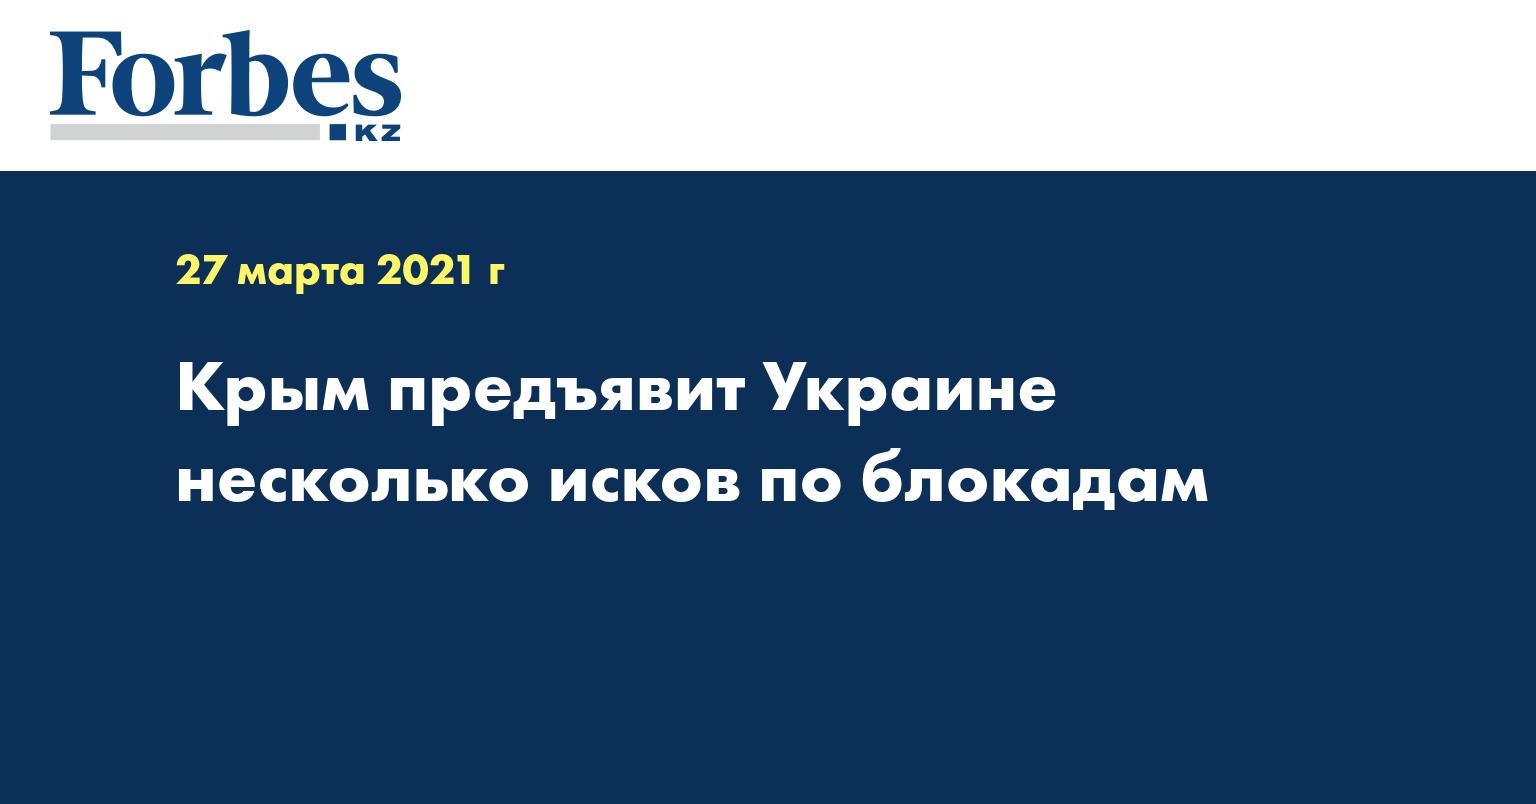 Крым предъявит Украине несколько исков по блокадам